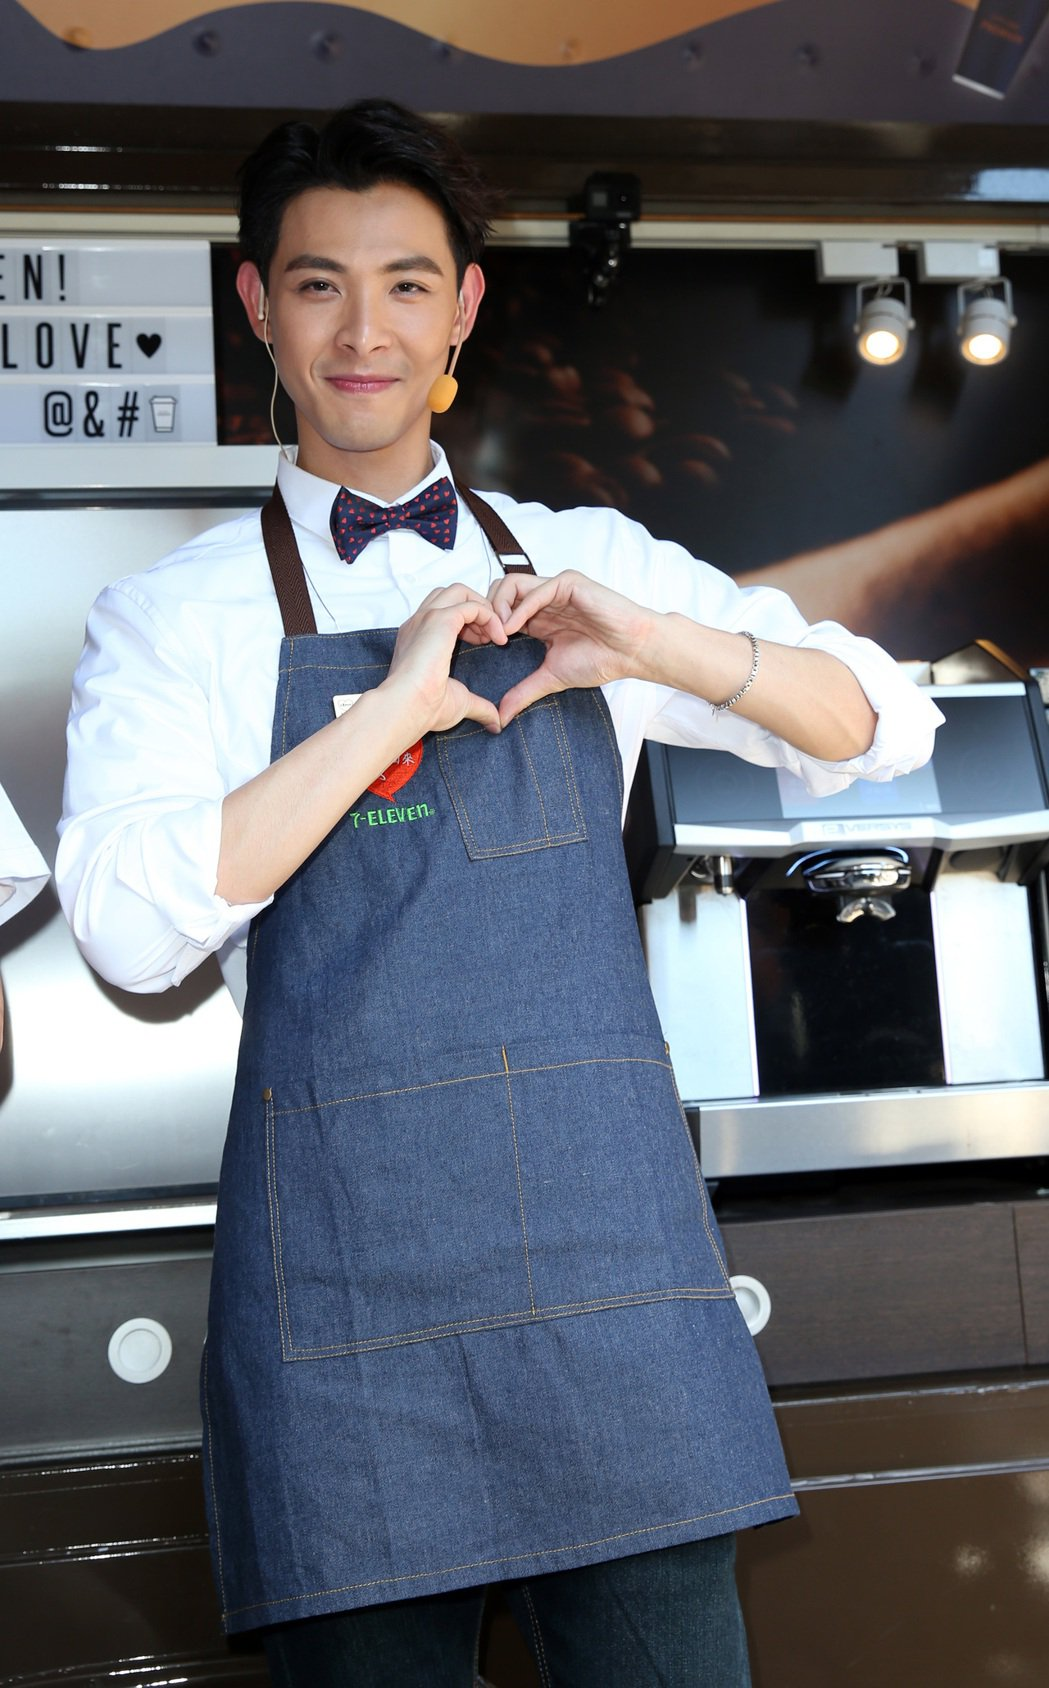 連晨翔出席《把愛找回來》公益活動,化身「愛的行動咖啡車」愛心店員,呼籲大眾關懷弱...